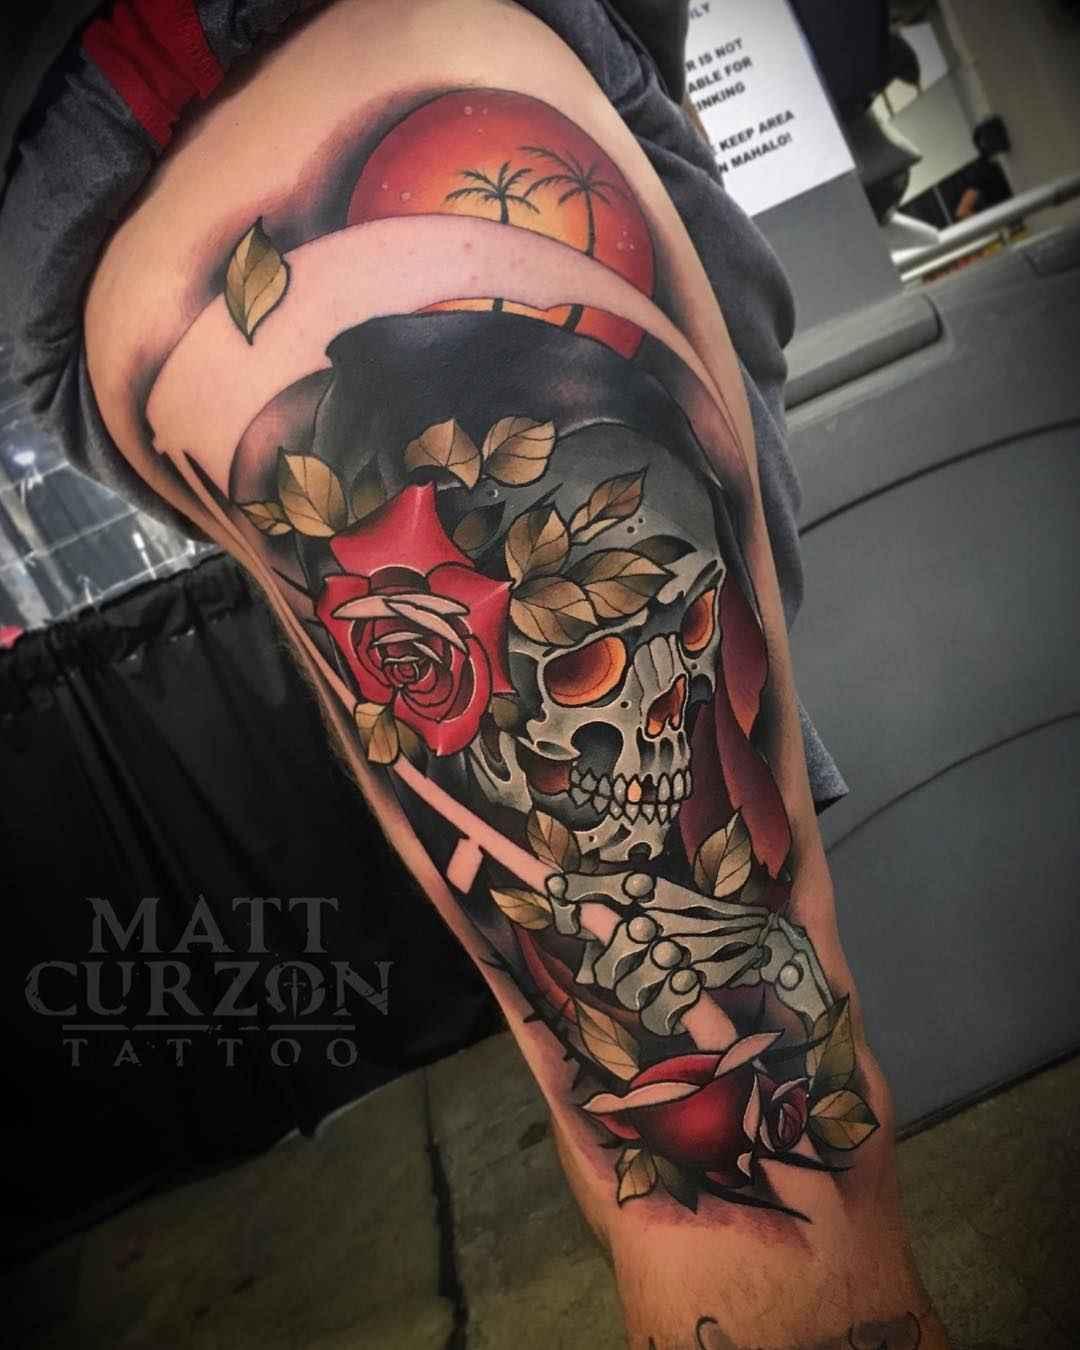 Color Tattoo By Matt From Black Sails Tattoo: Tattoo Artist Matt Curzon